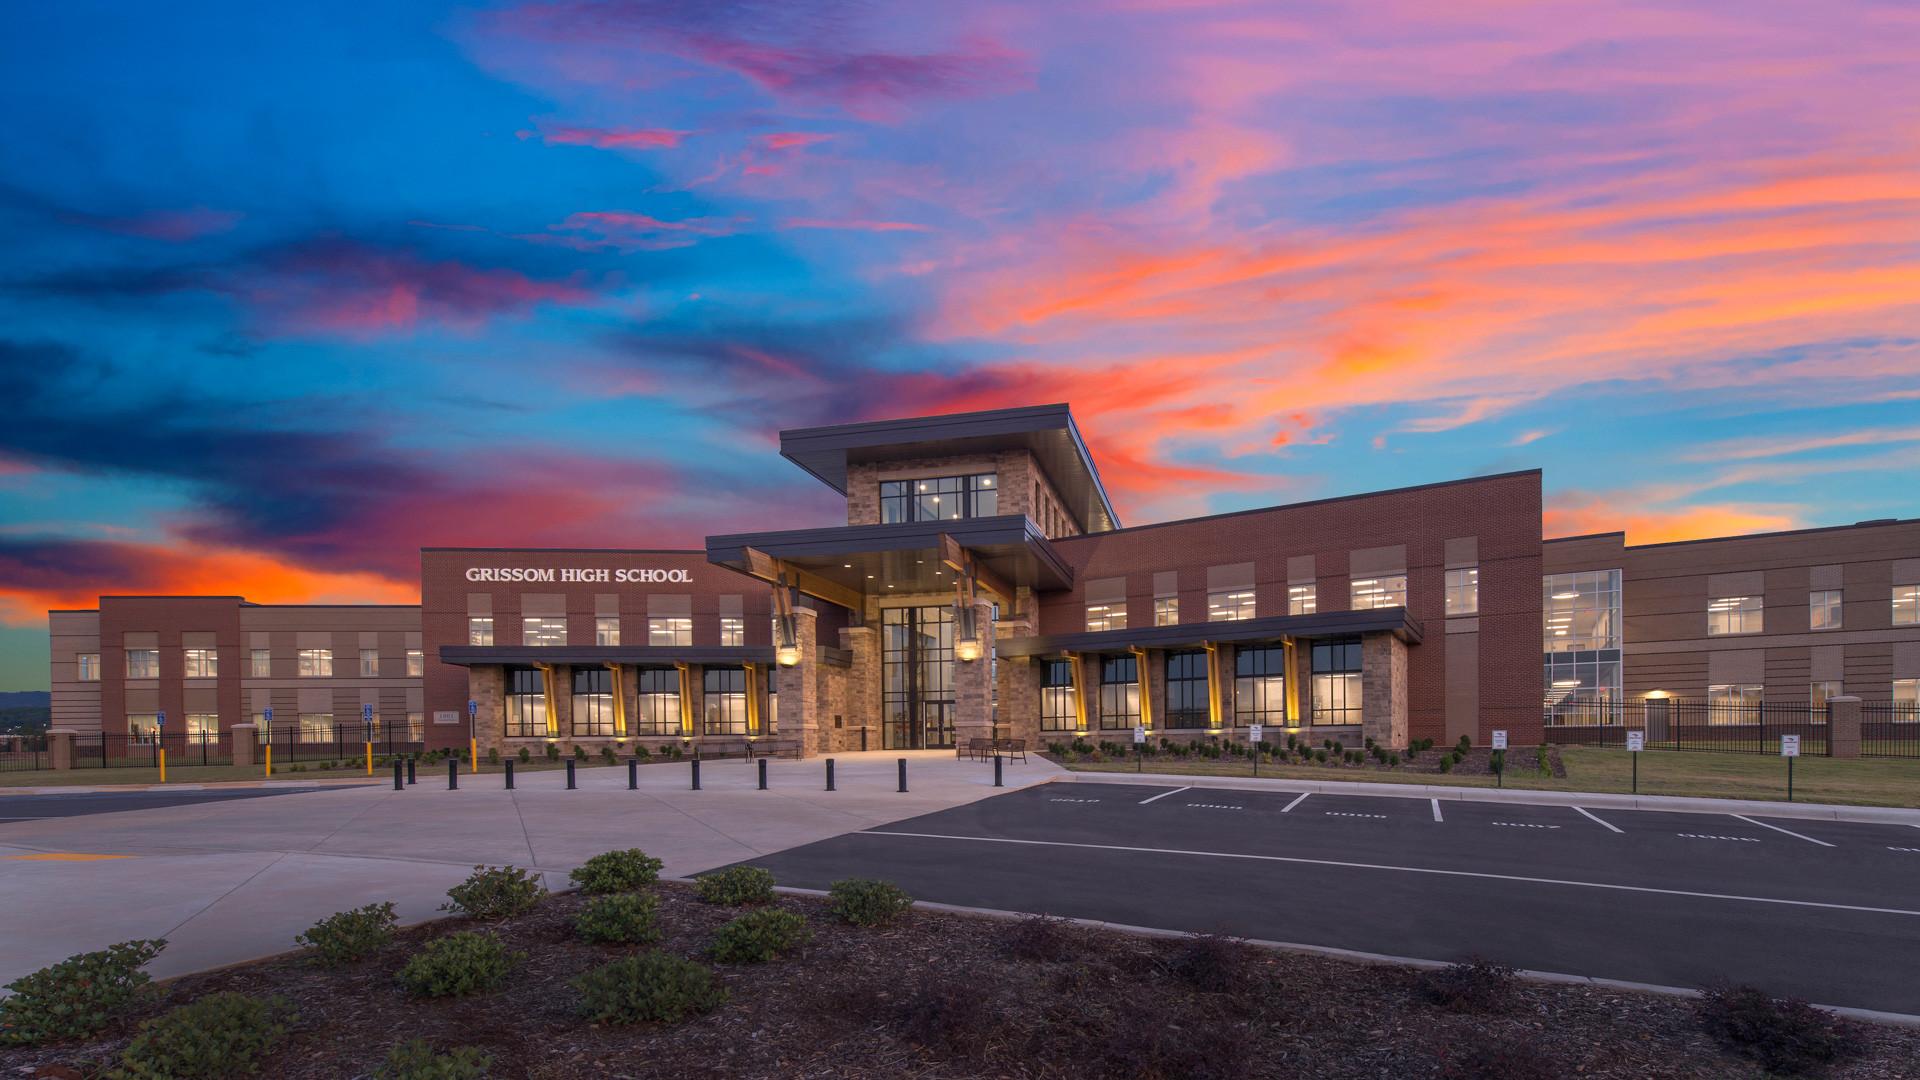 Grissom High School